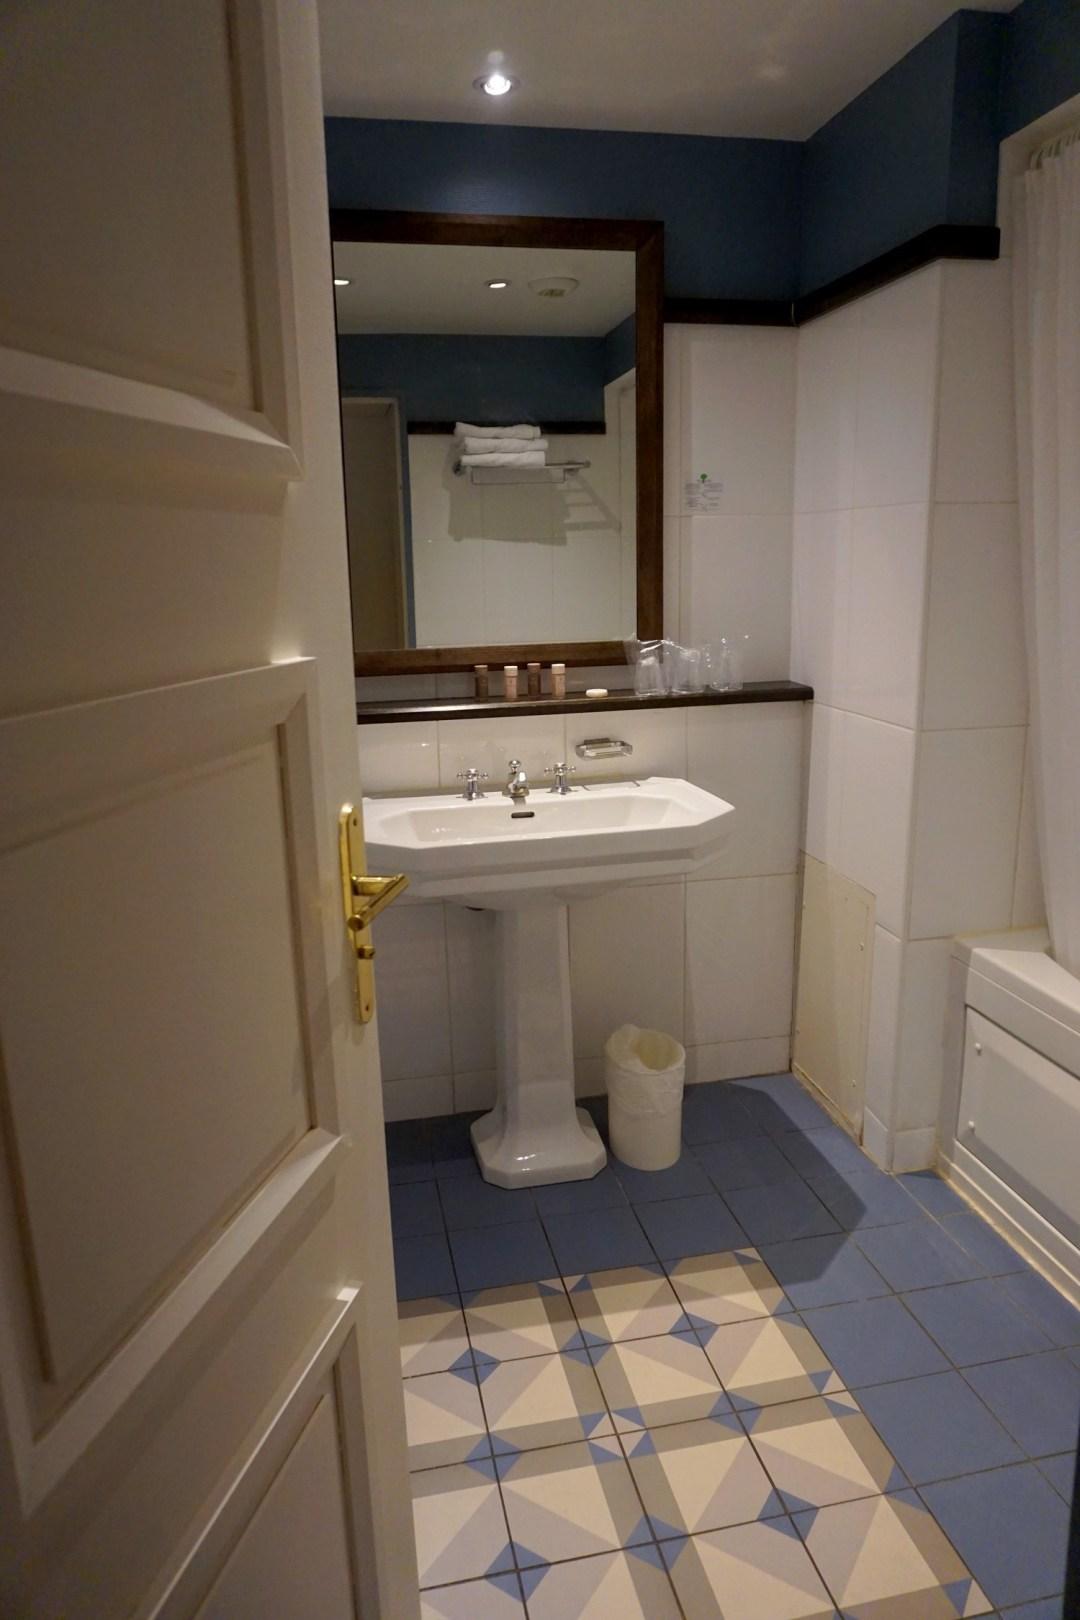 GRAND TONIC HOTEL BIARRITZ OU DORMIR PAYS BASQUE HOTEL 4 ETOILES BLOG BONNES ADRESSES COUPLE BORDEAUX CORSE WEEK END EN AMOUREUX 13